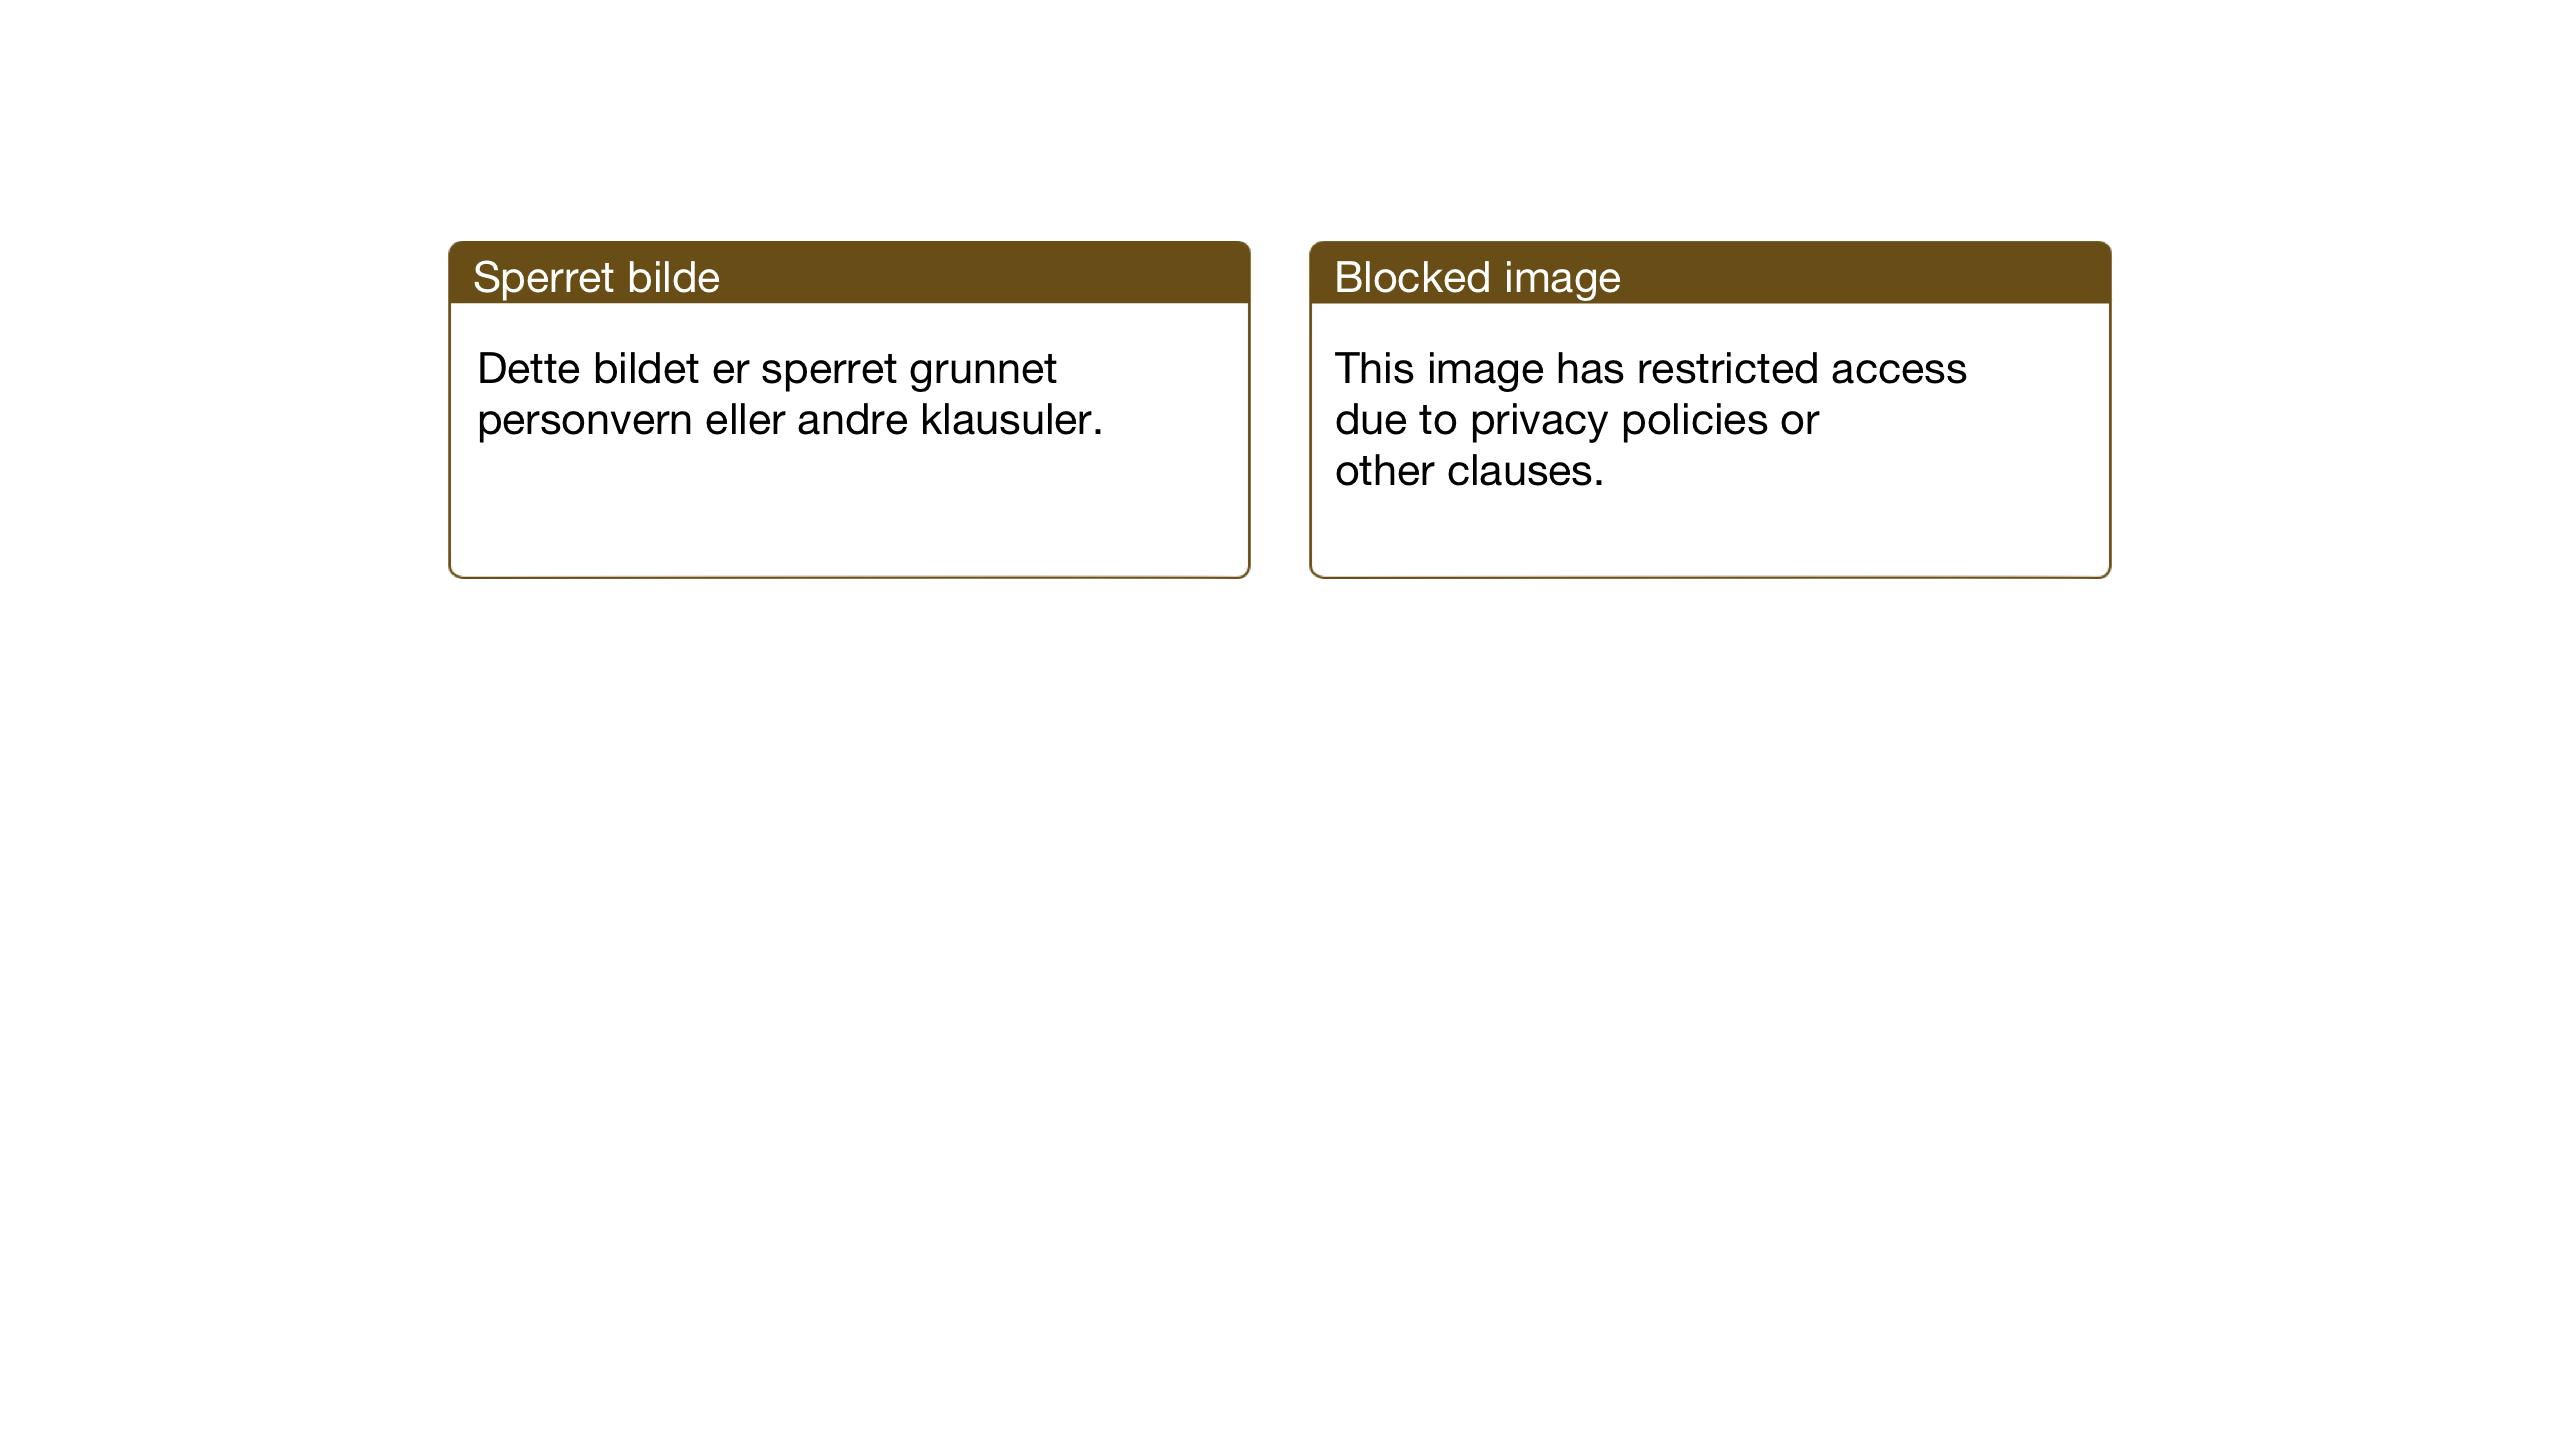 SAT, Ministerialprotokoller, klokkerbøker og fødselsregistre - Nord-Trøndelag, 713/L0125: Klokkerbok nr. 713C02, 1931-1941, s. 97